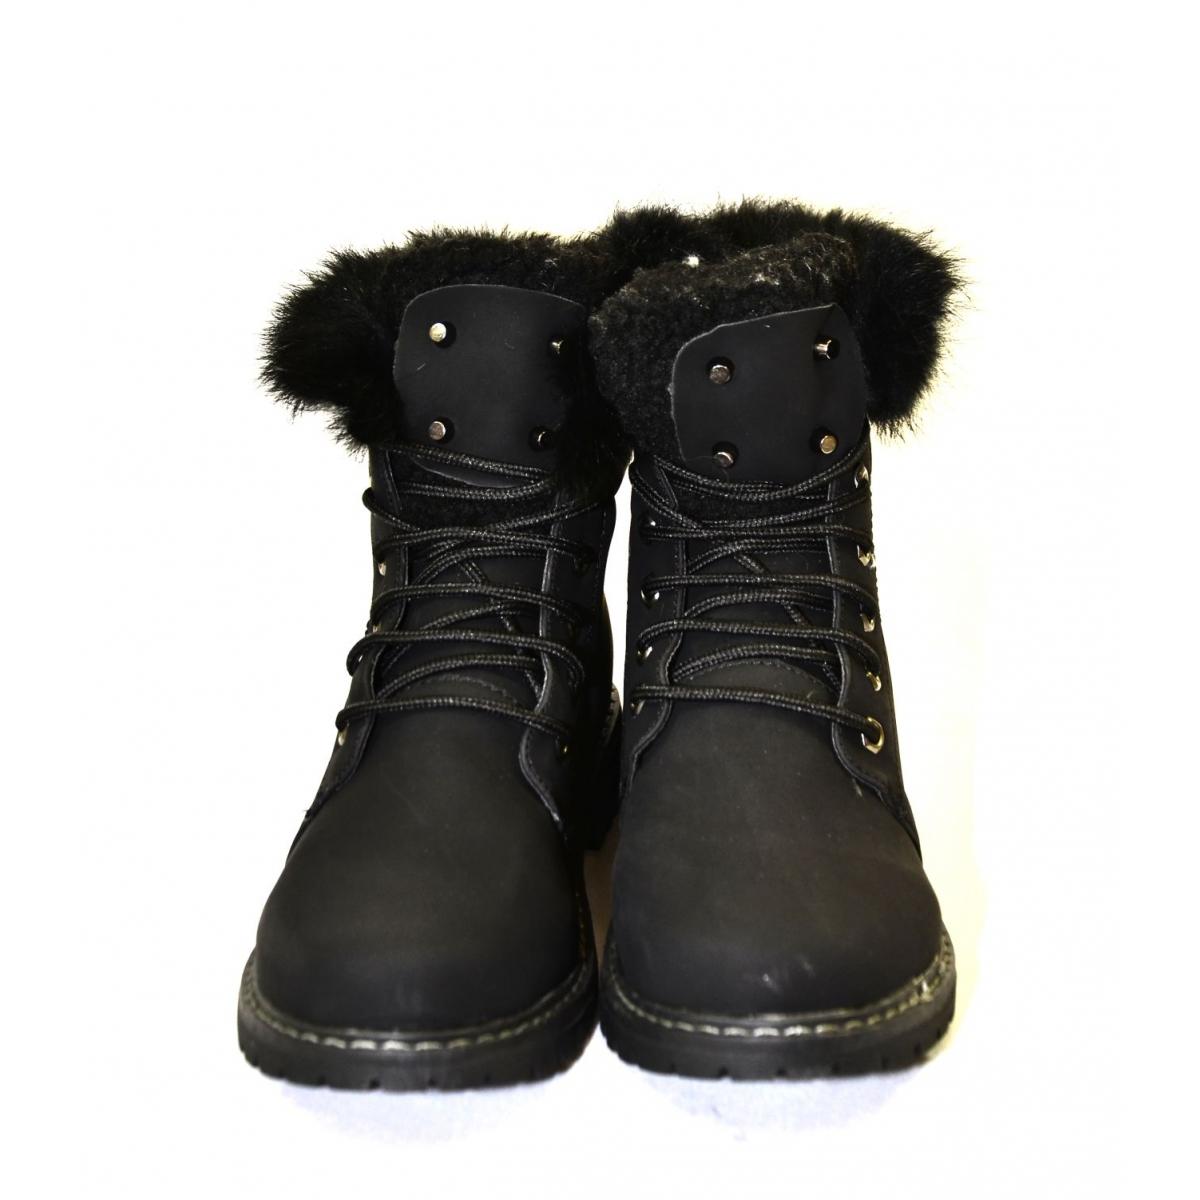 9b06fb698e381 Dámske čierne zimné topánky KLOE | Johnc.sk